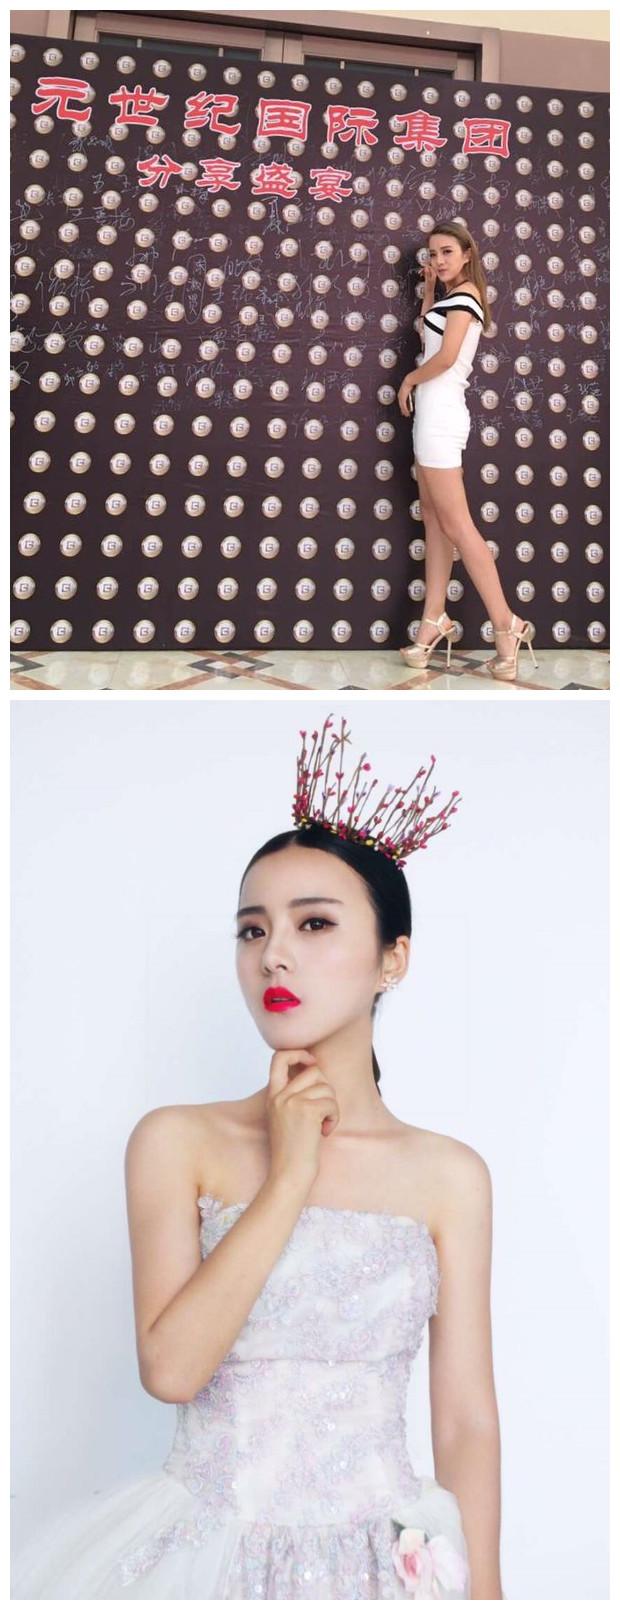 科鲁玉倩,青岛市时尚霓裳节冠军得主&签约平面模  2016年4月份,学校的